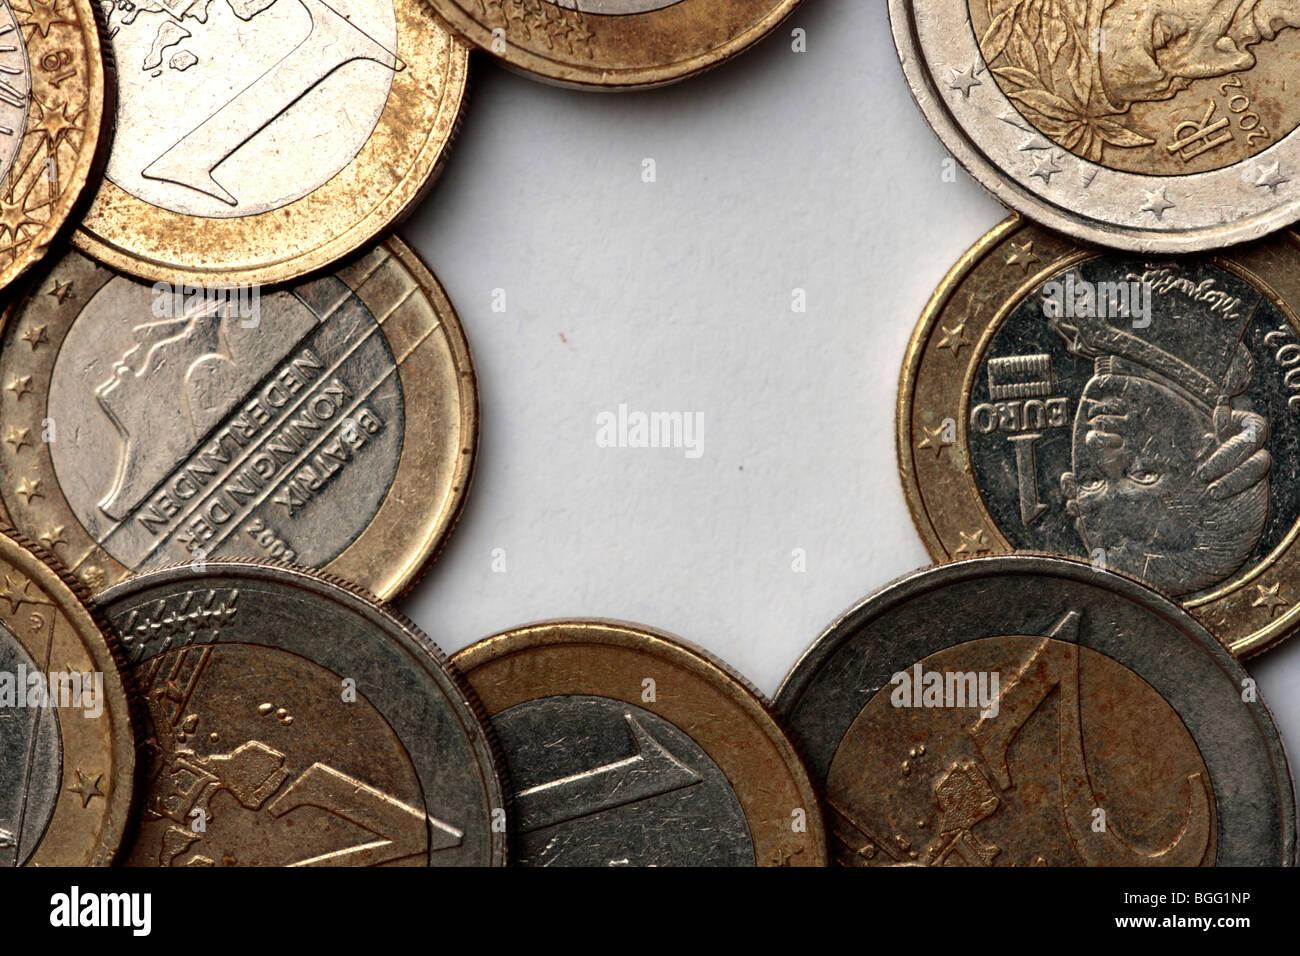 Ein Rahmen der Euro-Münzen Stockbild